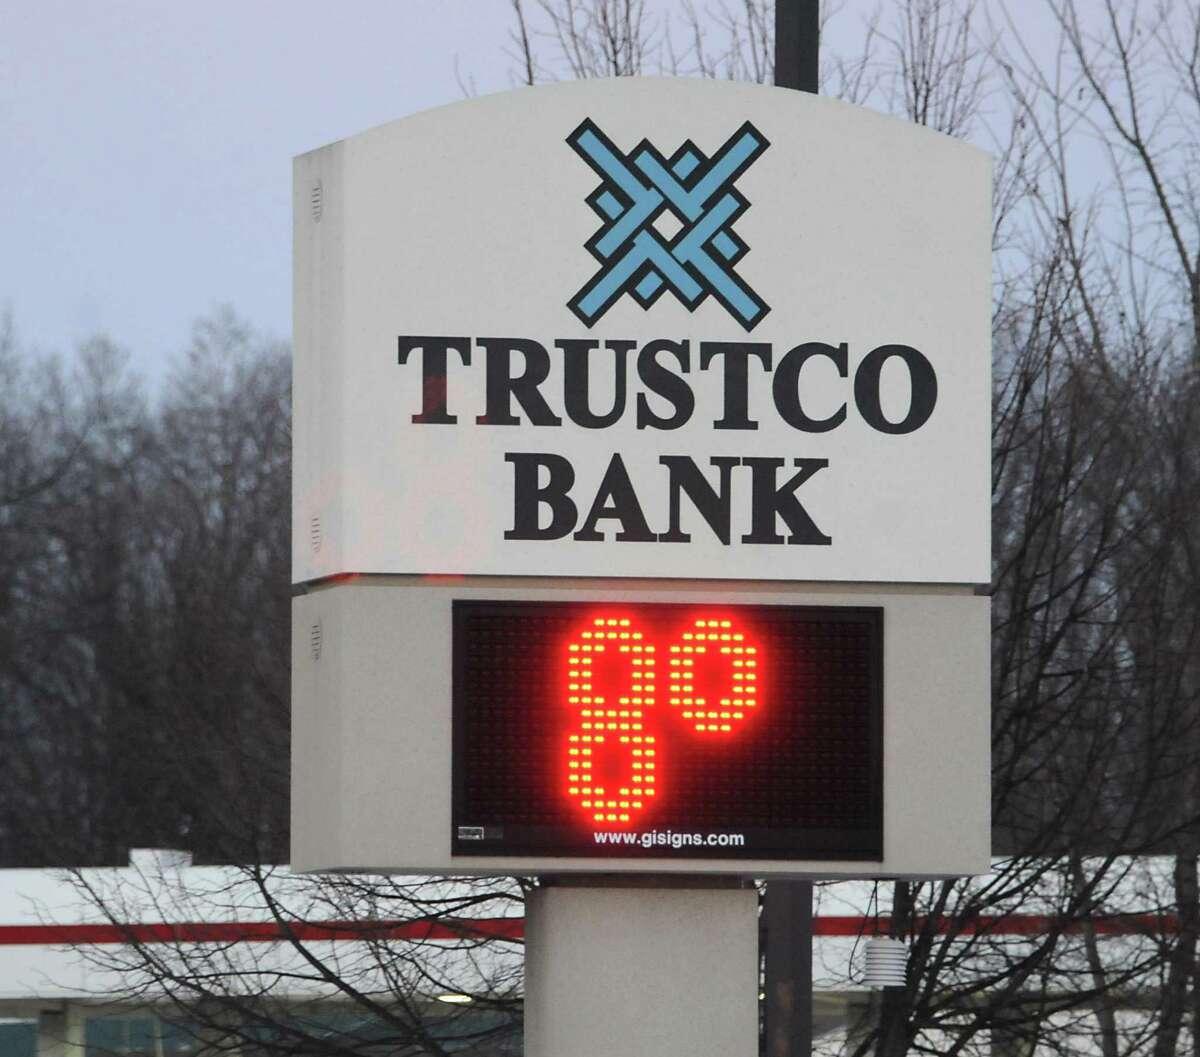 trustco bank latham ny